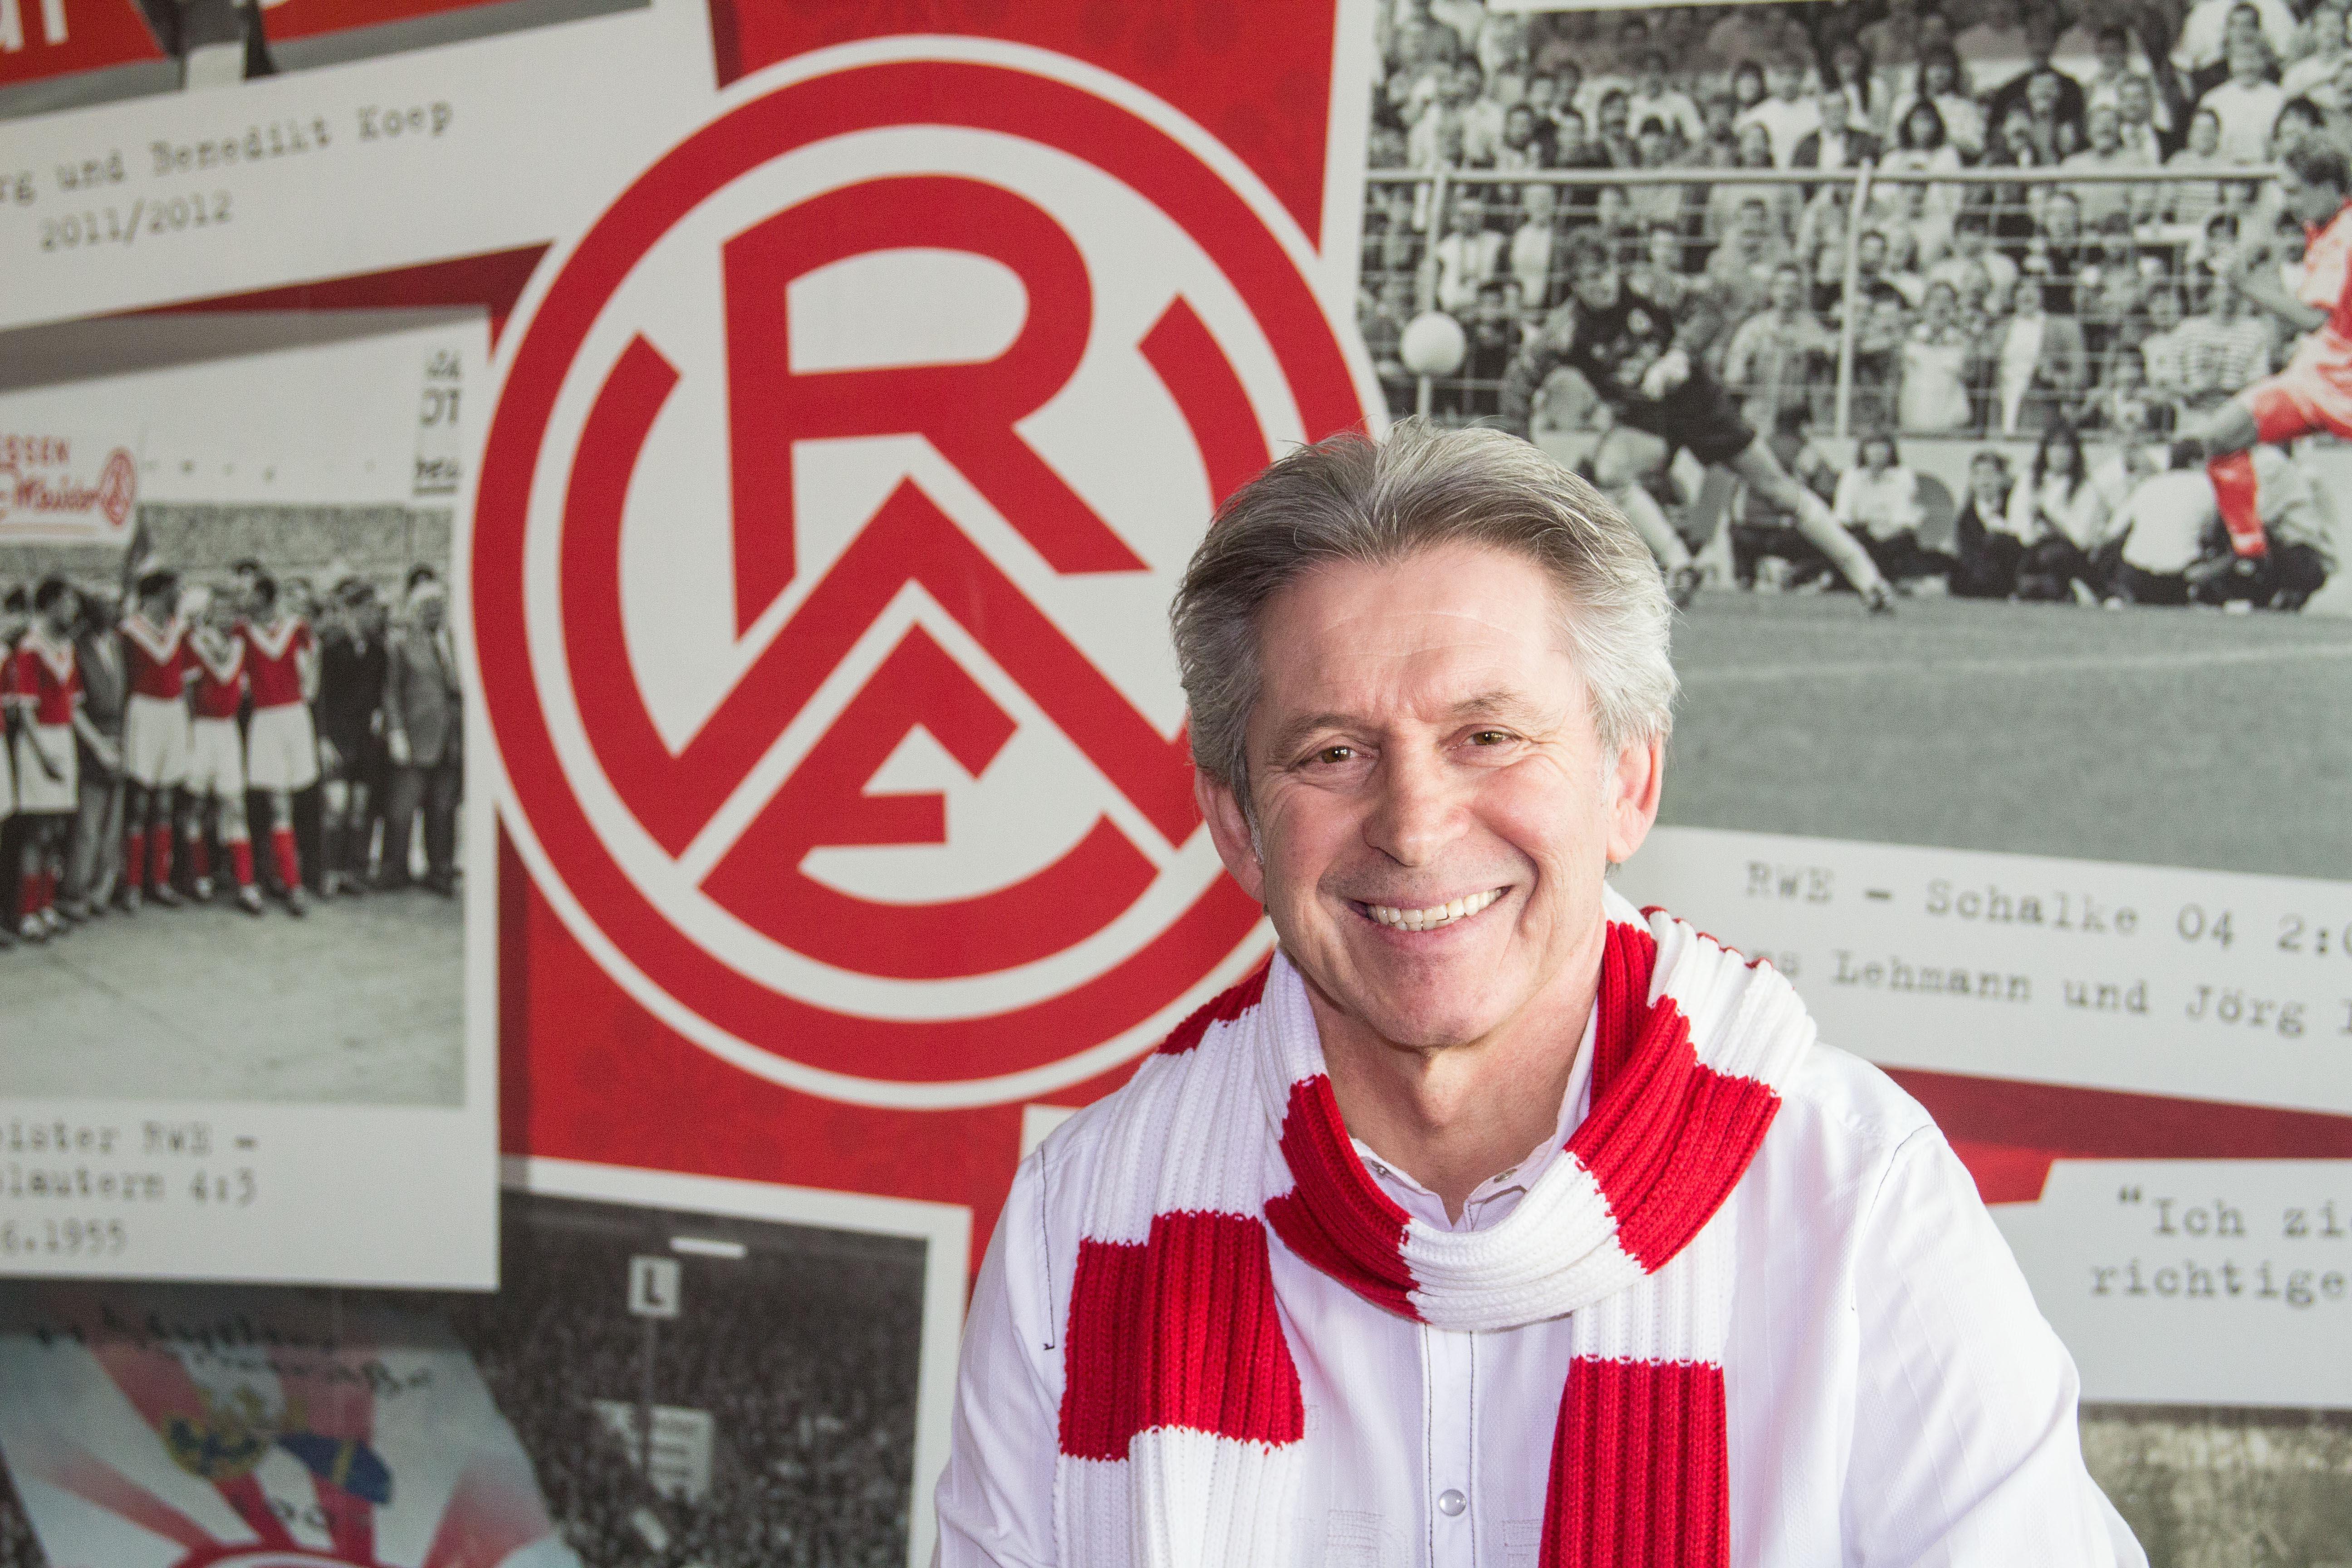 Gibt den Anstoß für das Finale der Bolzplatz-Paten: Fußball-Legende und Ex-RWE-Spieler Dieter Bast.